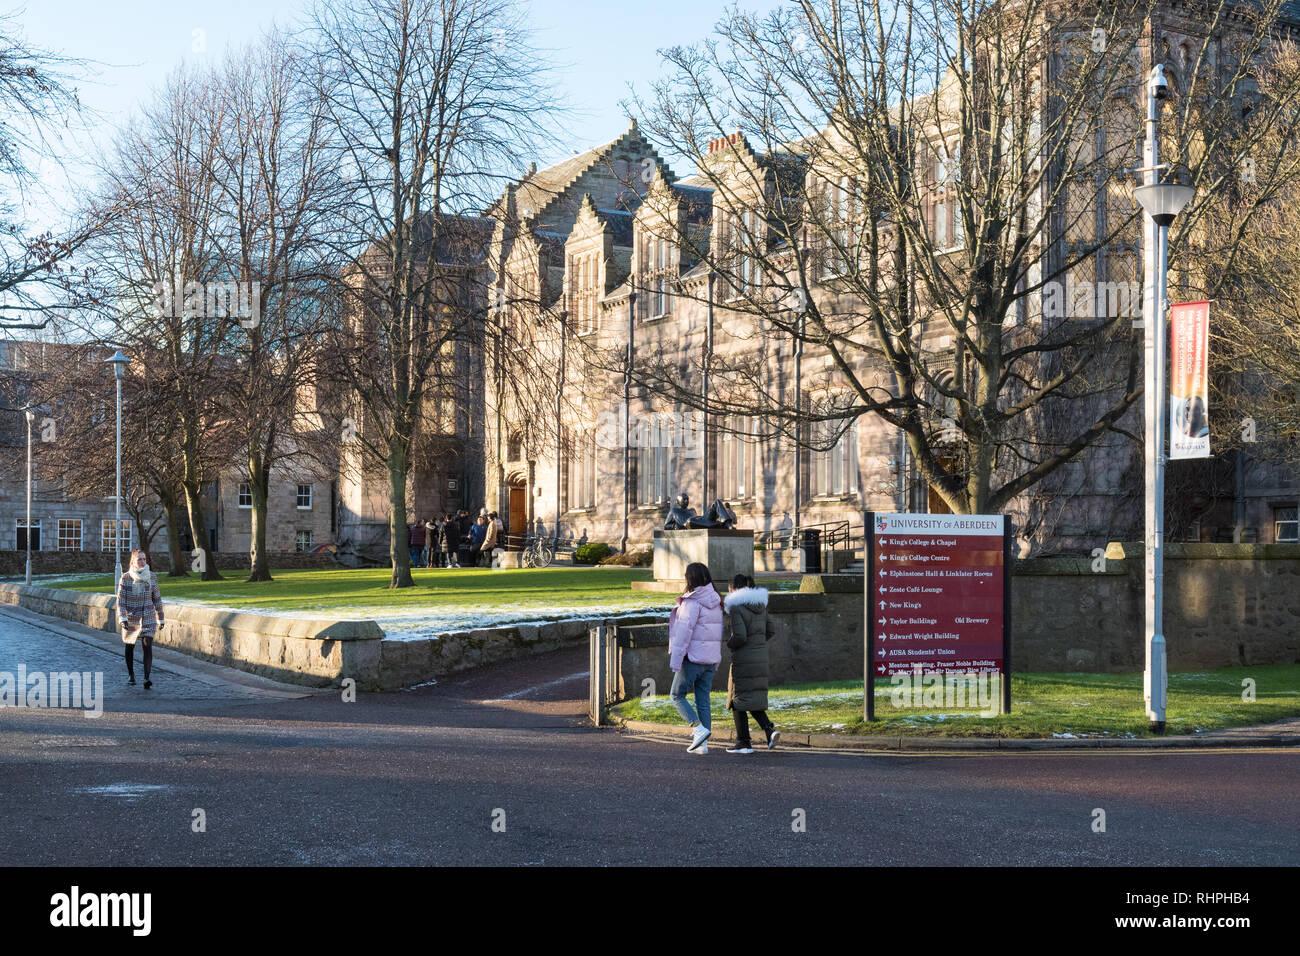 L'Université d'Aberdeen, Écosse, Royaume-Uni Photo Stock